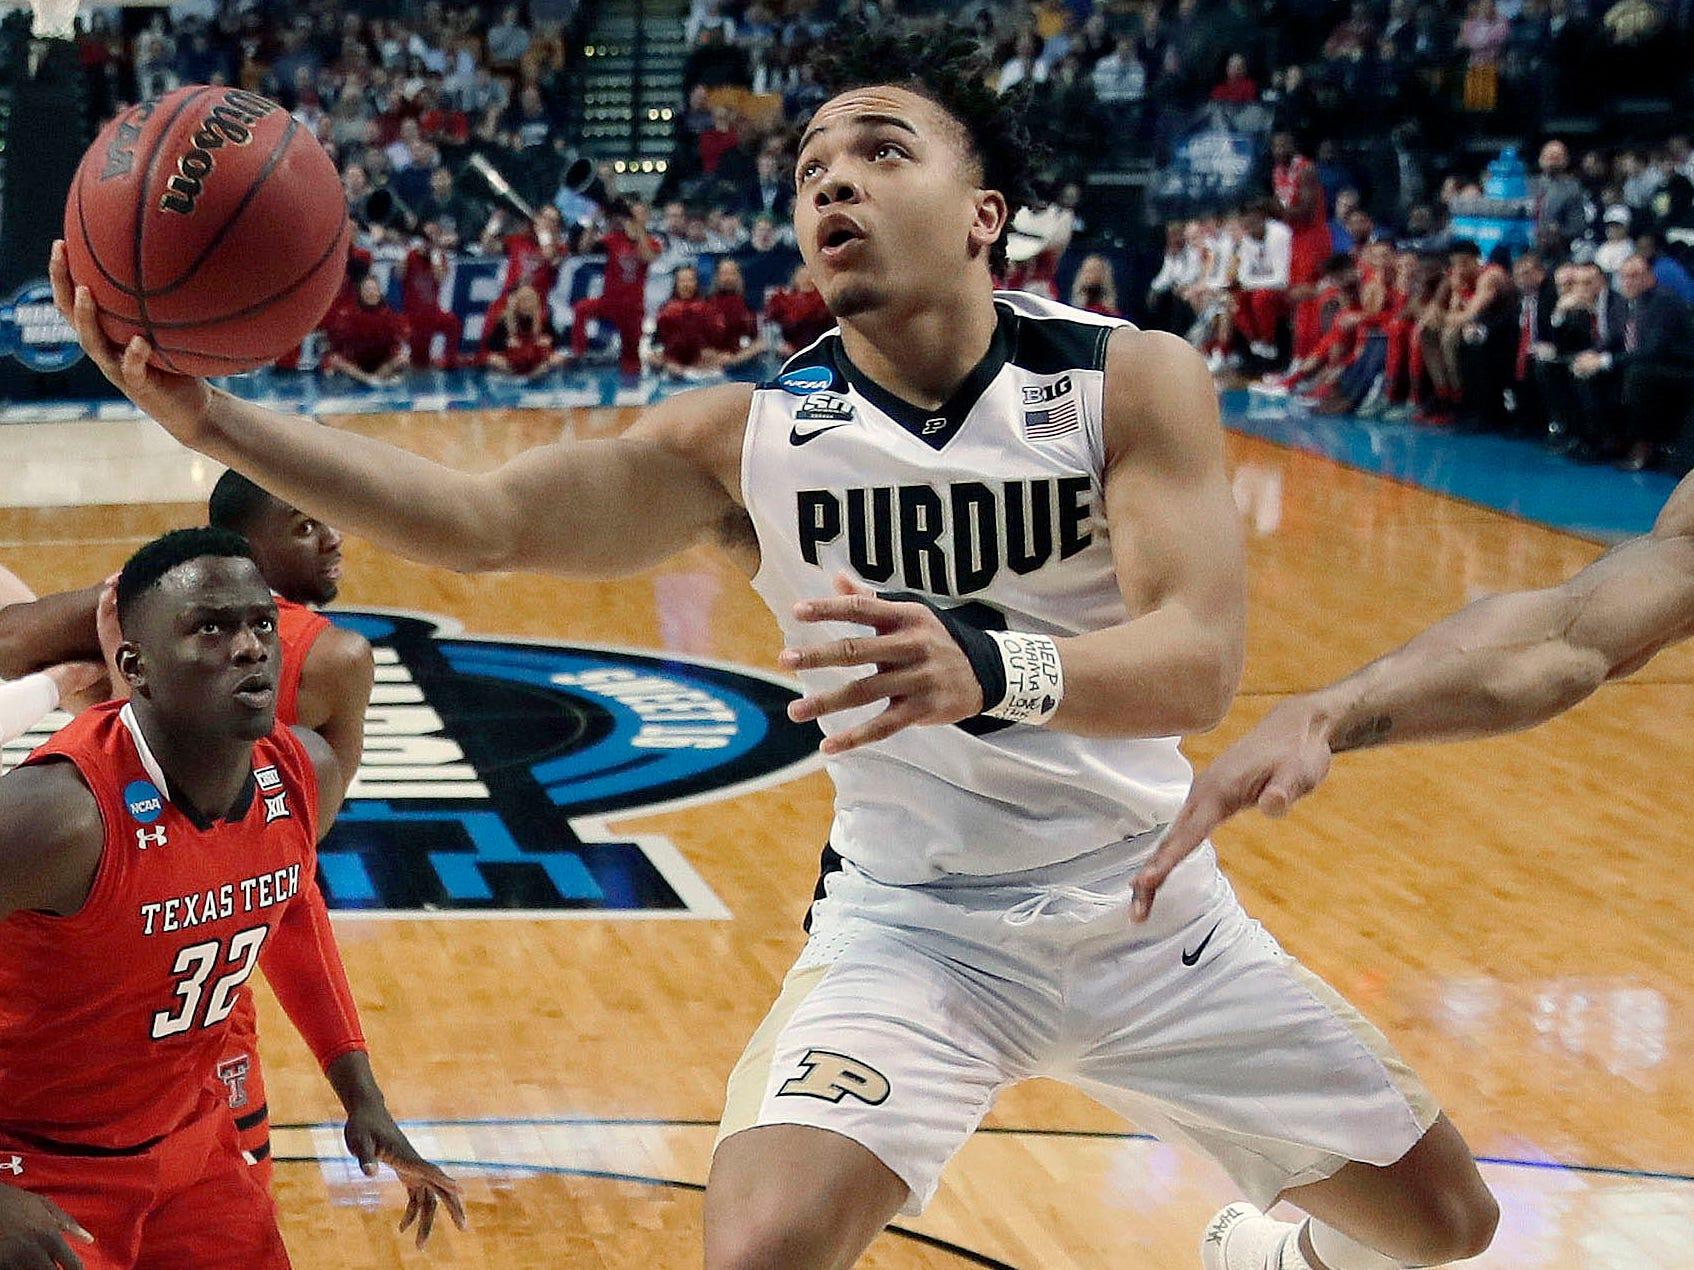 No. 22 Purdue (30-7 in 2017-18).